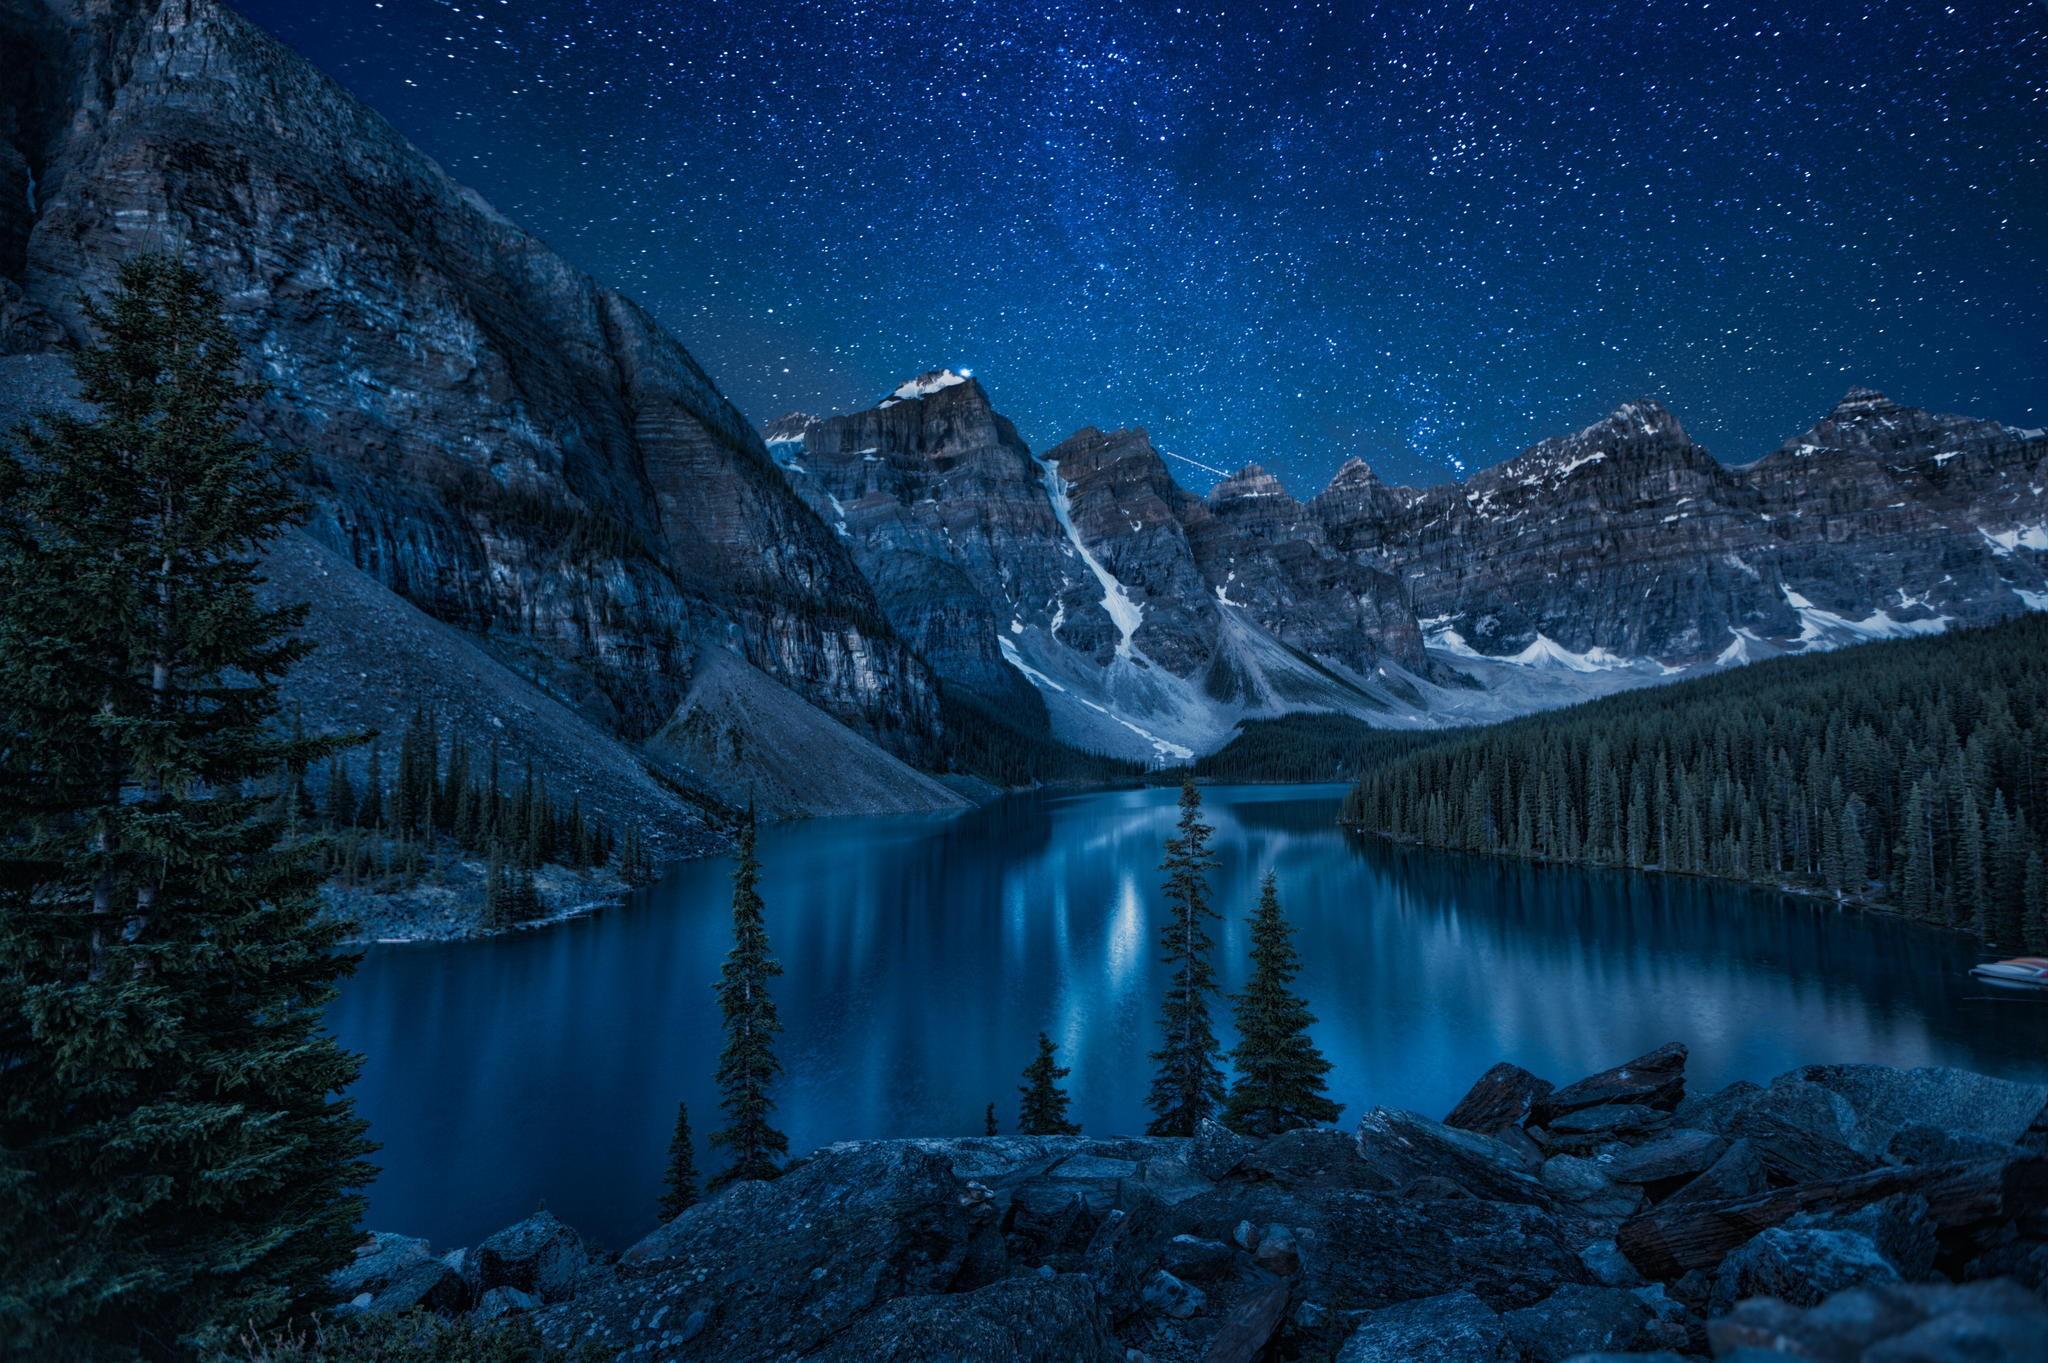 Download 2048x1363 Moraine Lake, Lake, Alberta, Canada